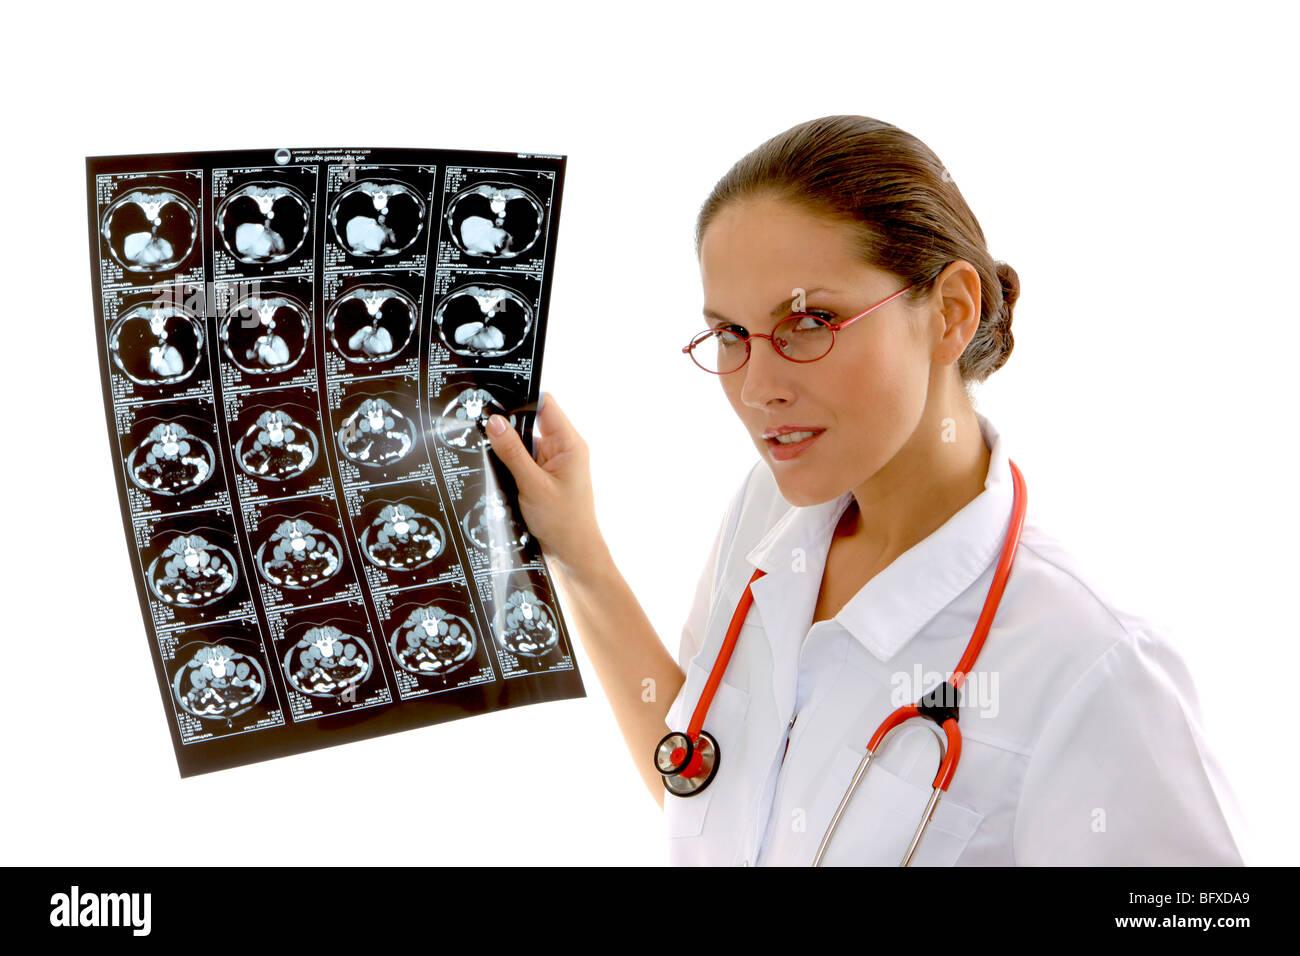 Ärztin mit einer Röntgenaufnahme, female doctor inspect radiograph - Stock Image